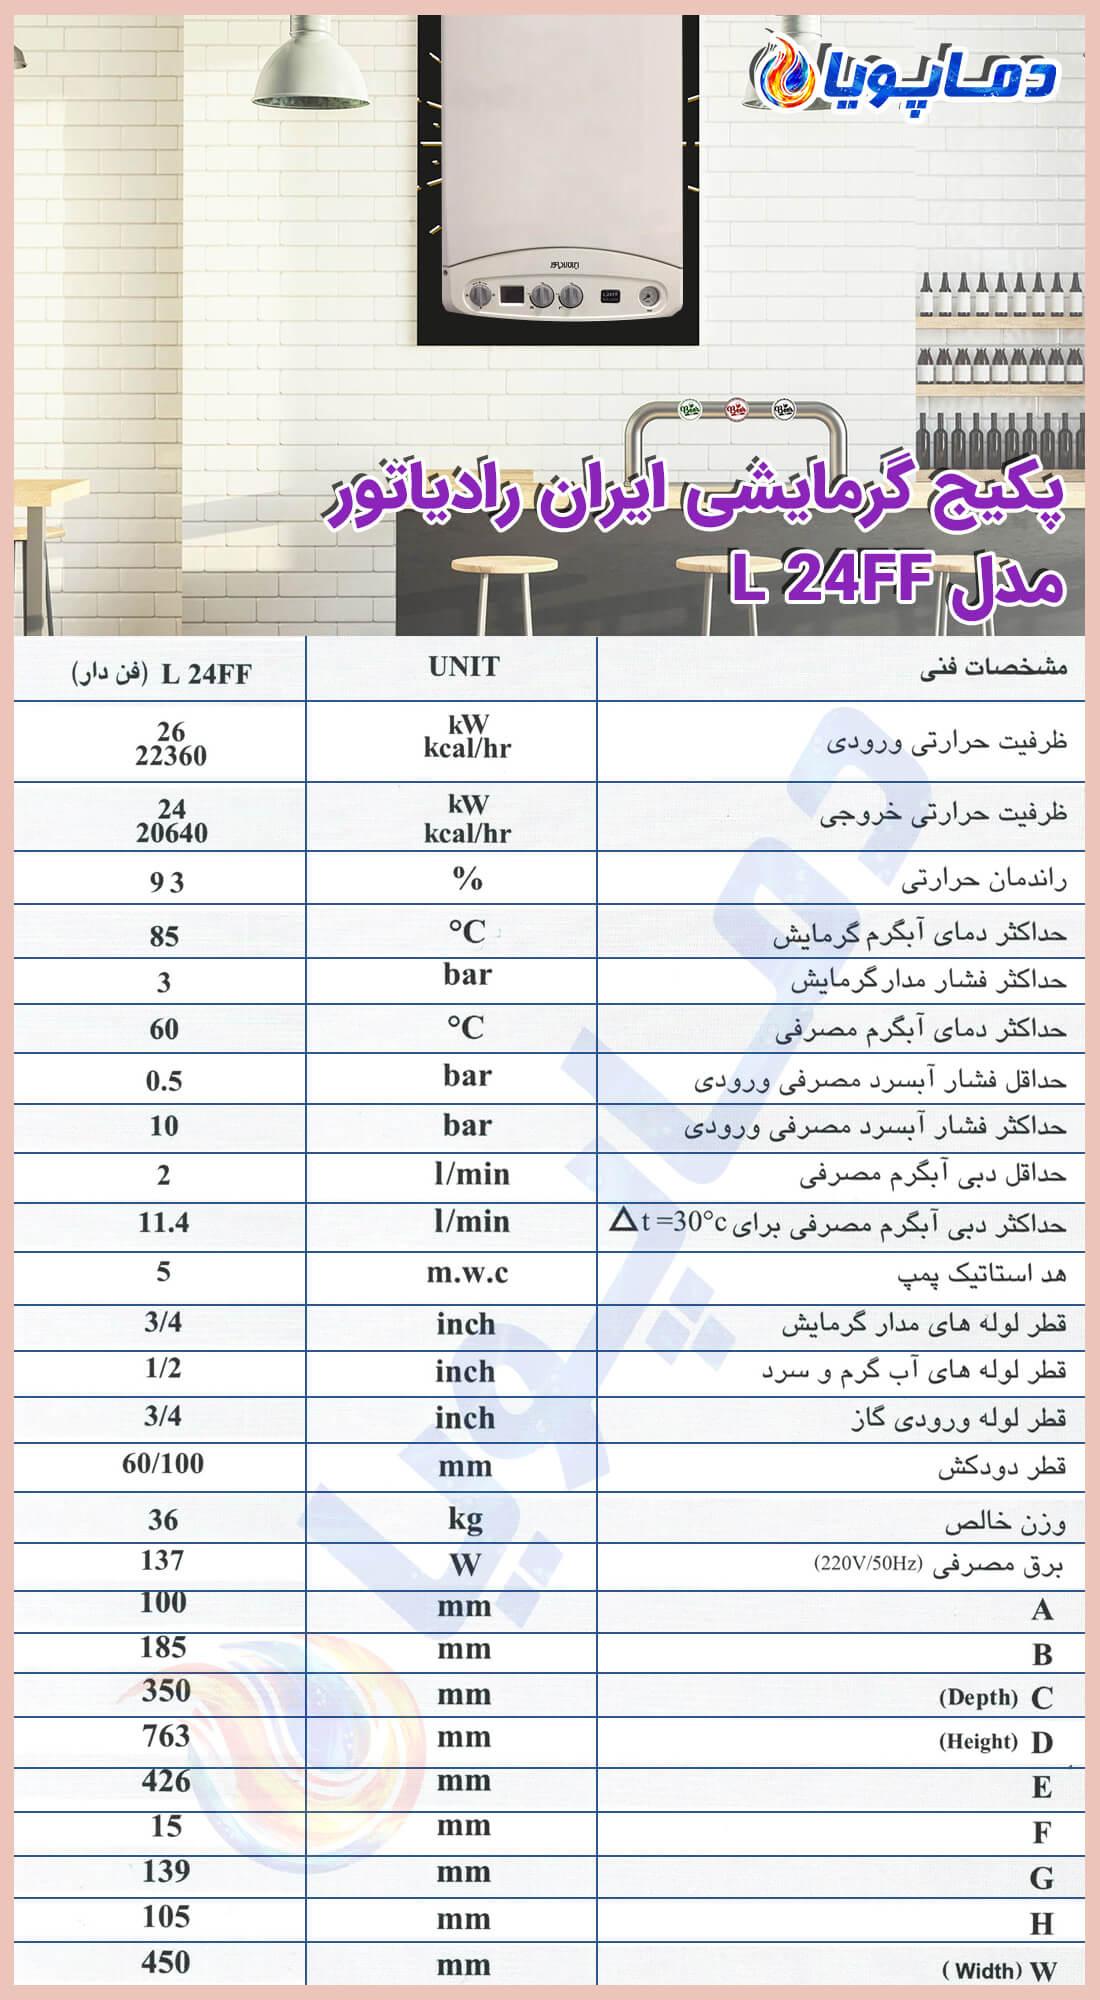 کاتالوگ پکیج ایران رادیاتور 24000 مدل L24FF